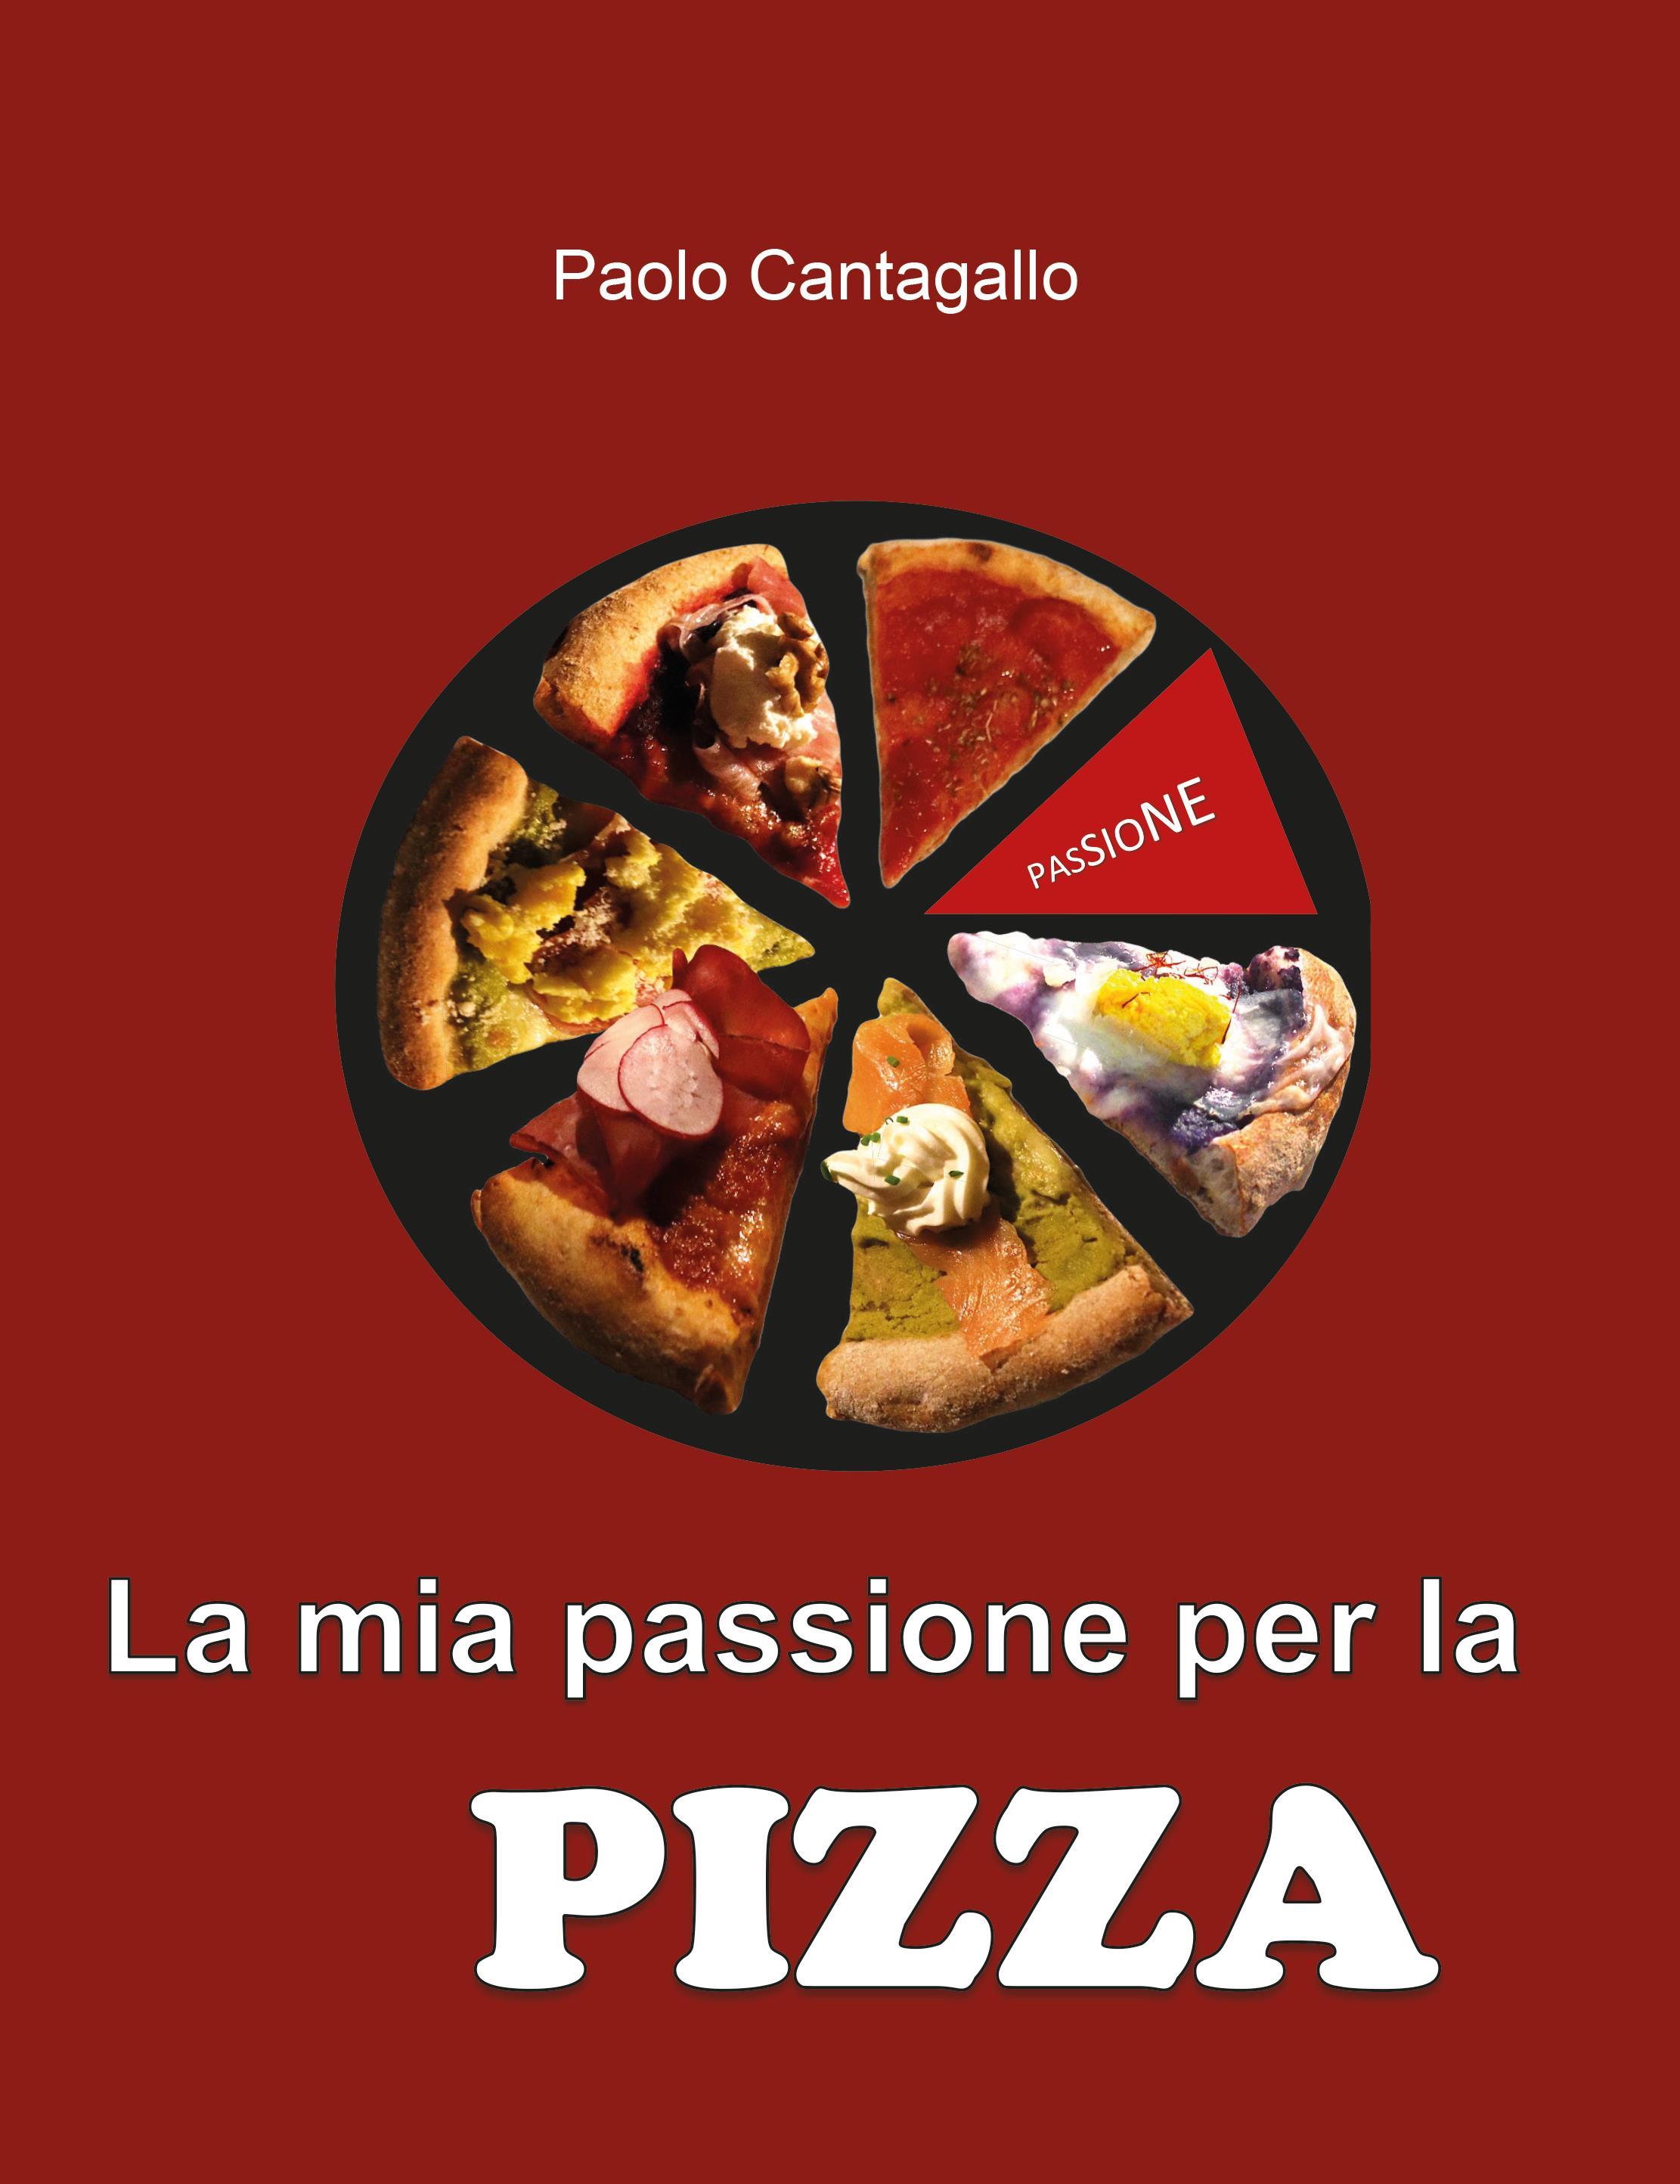 La mia passione per la PIZZA